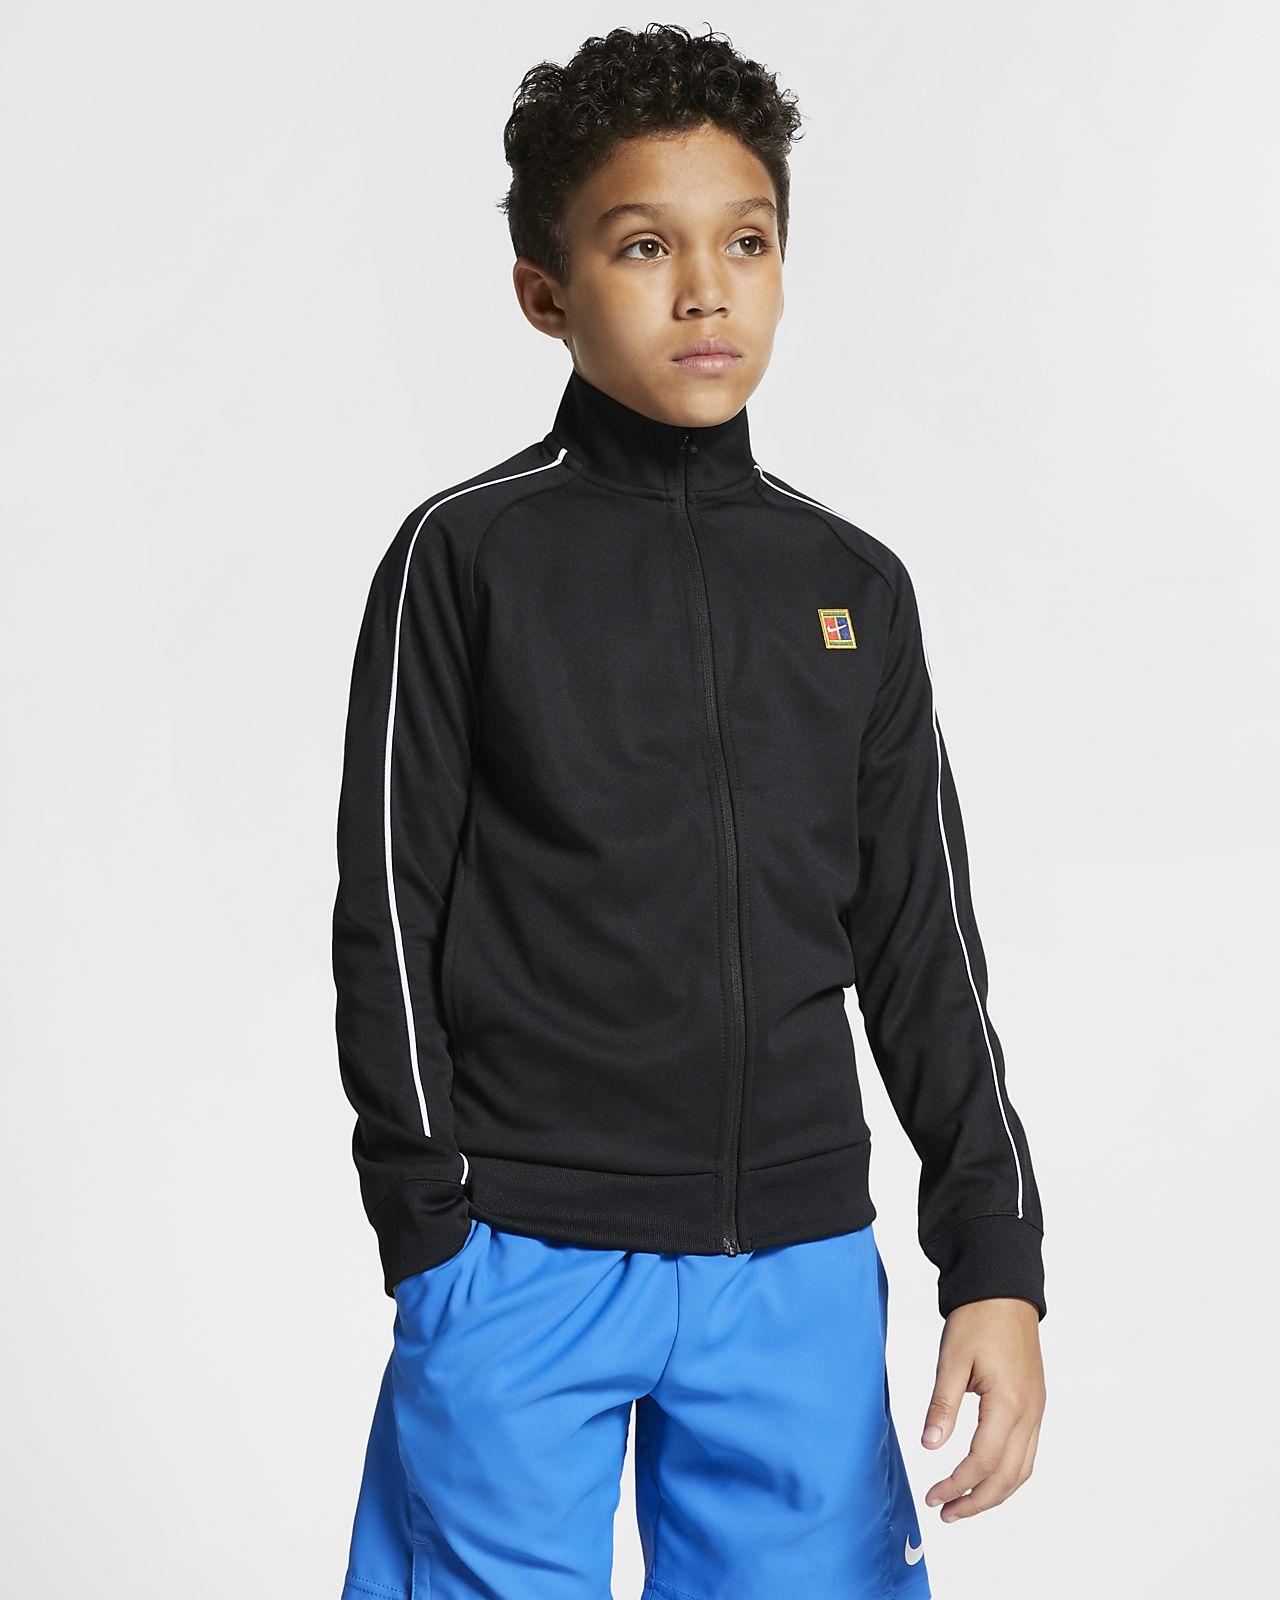 Chlapecká tenisová rozcvičovací bunda NikeCourt